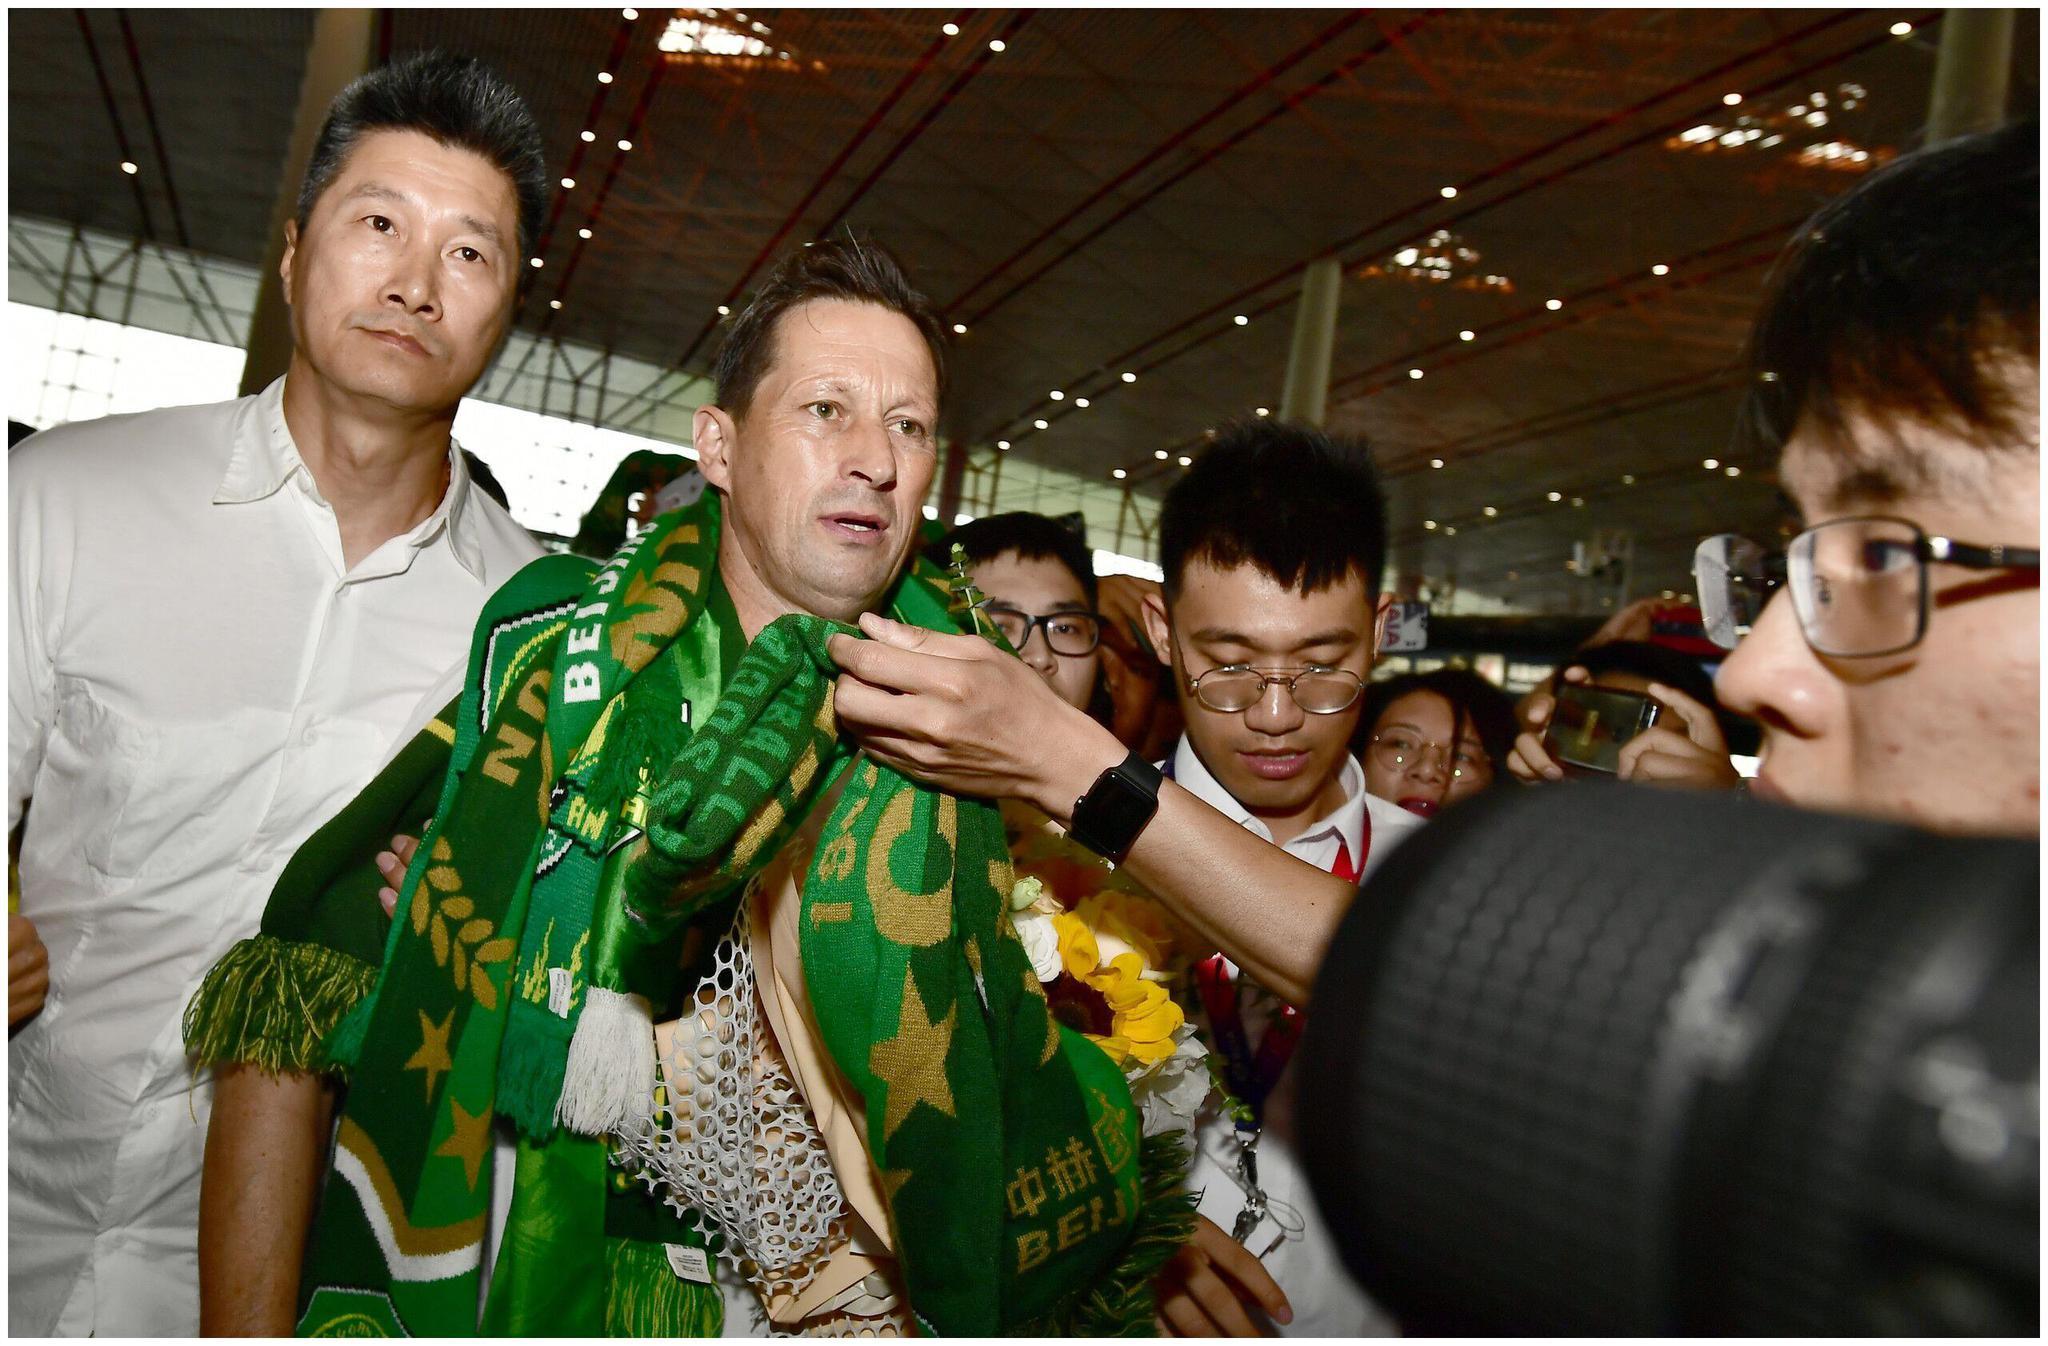 多图流:施密特泪别京城,千名球迷与国安领队机场送别